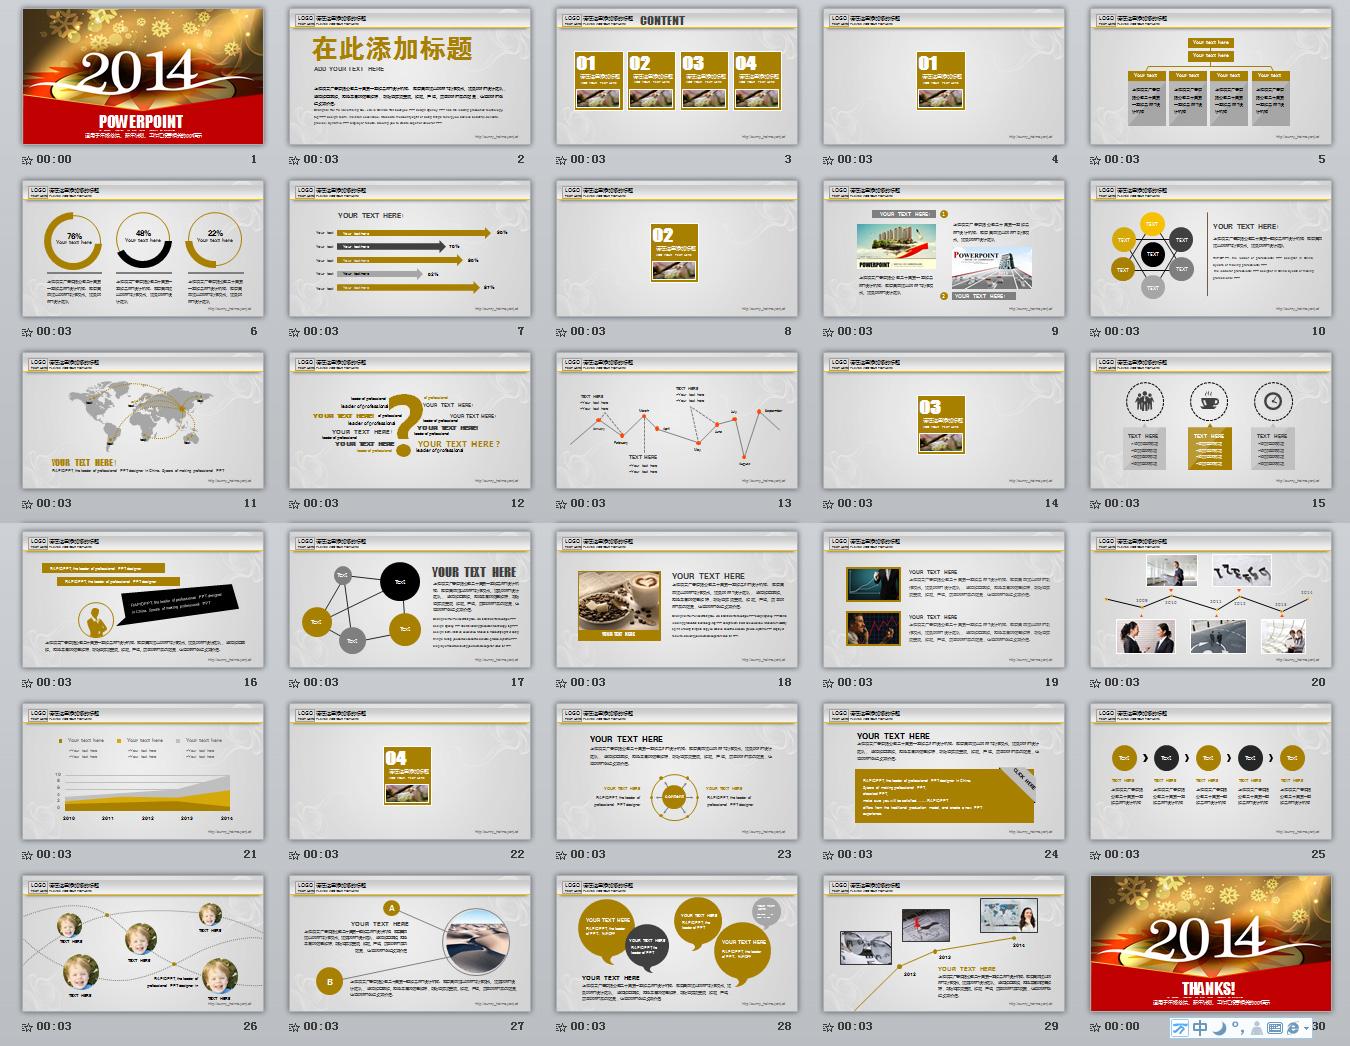 2014年度总结,计划ppt模板